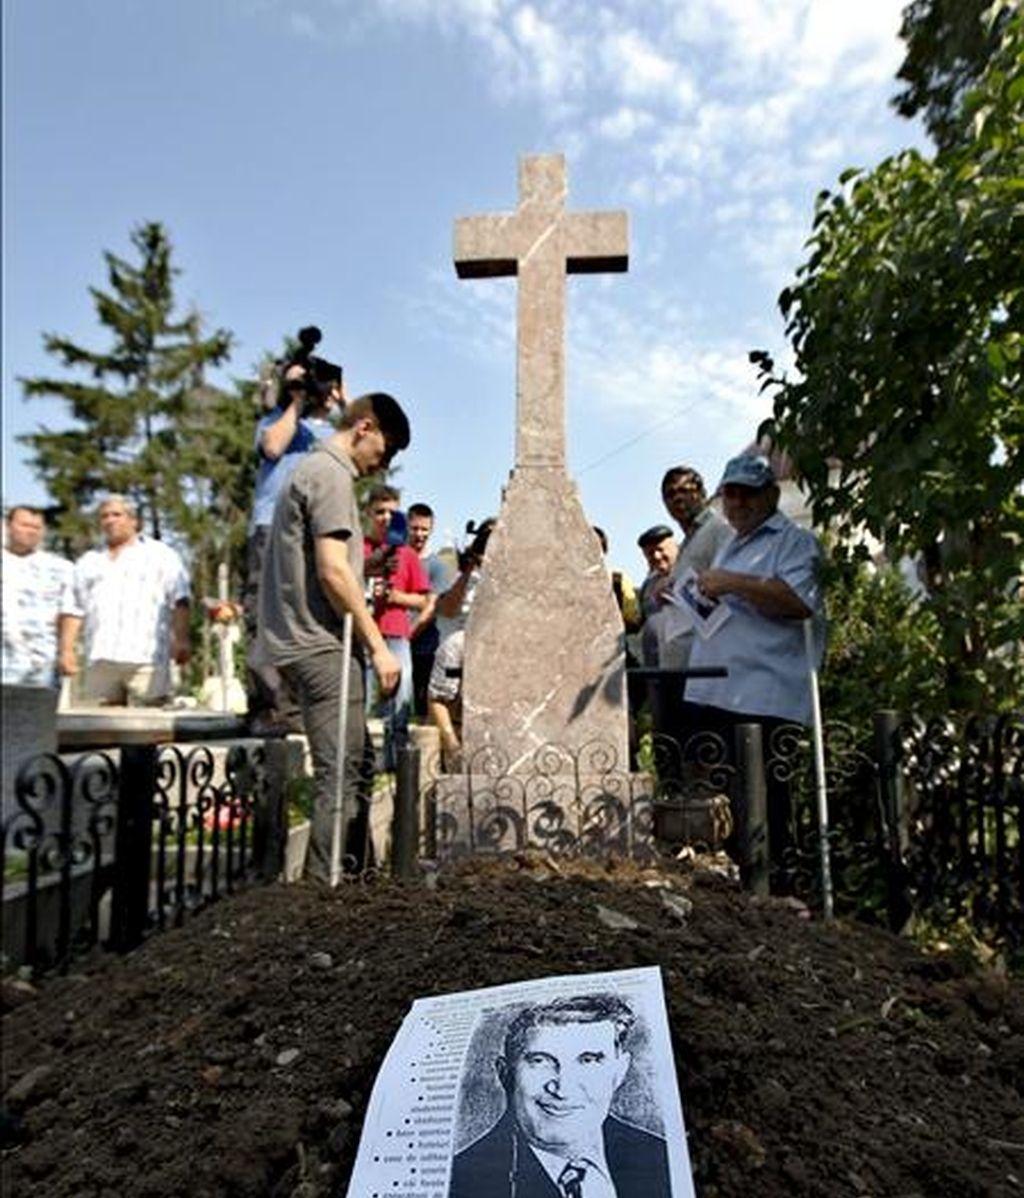 Periodistas y seguidores de Nicolae Ceausescu congregados delante de la tumba del que fue dictador comunista rumano, tras su exhumación en el cementerio de Ghencea, en Bucarest, este miércoles. EFE